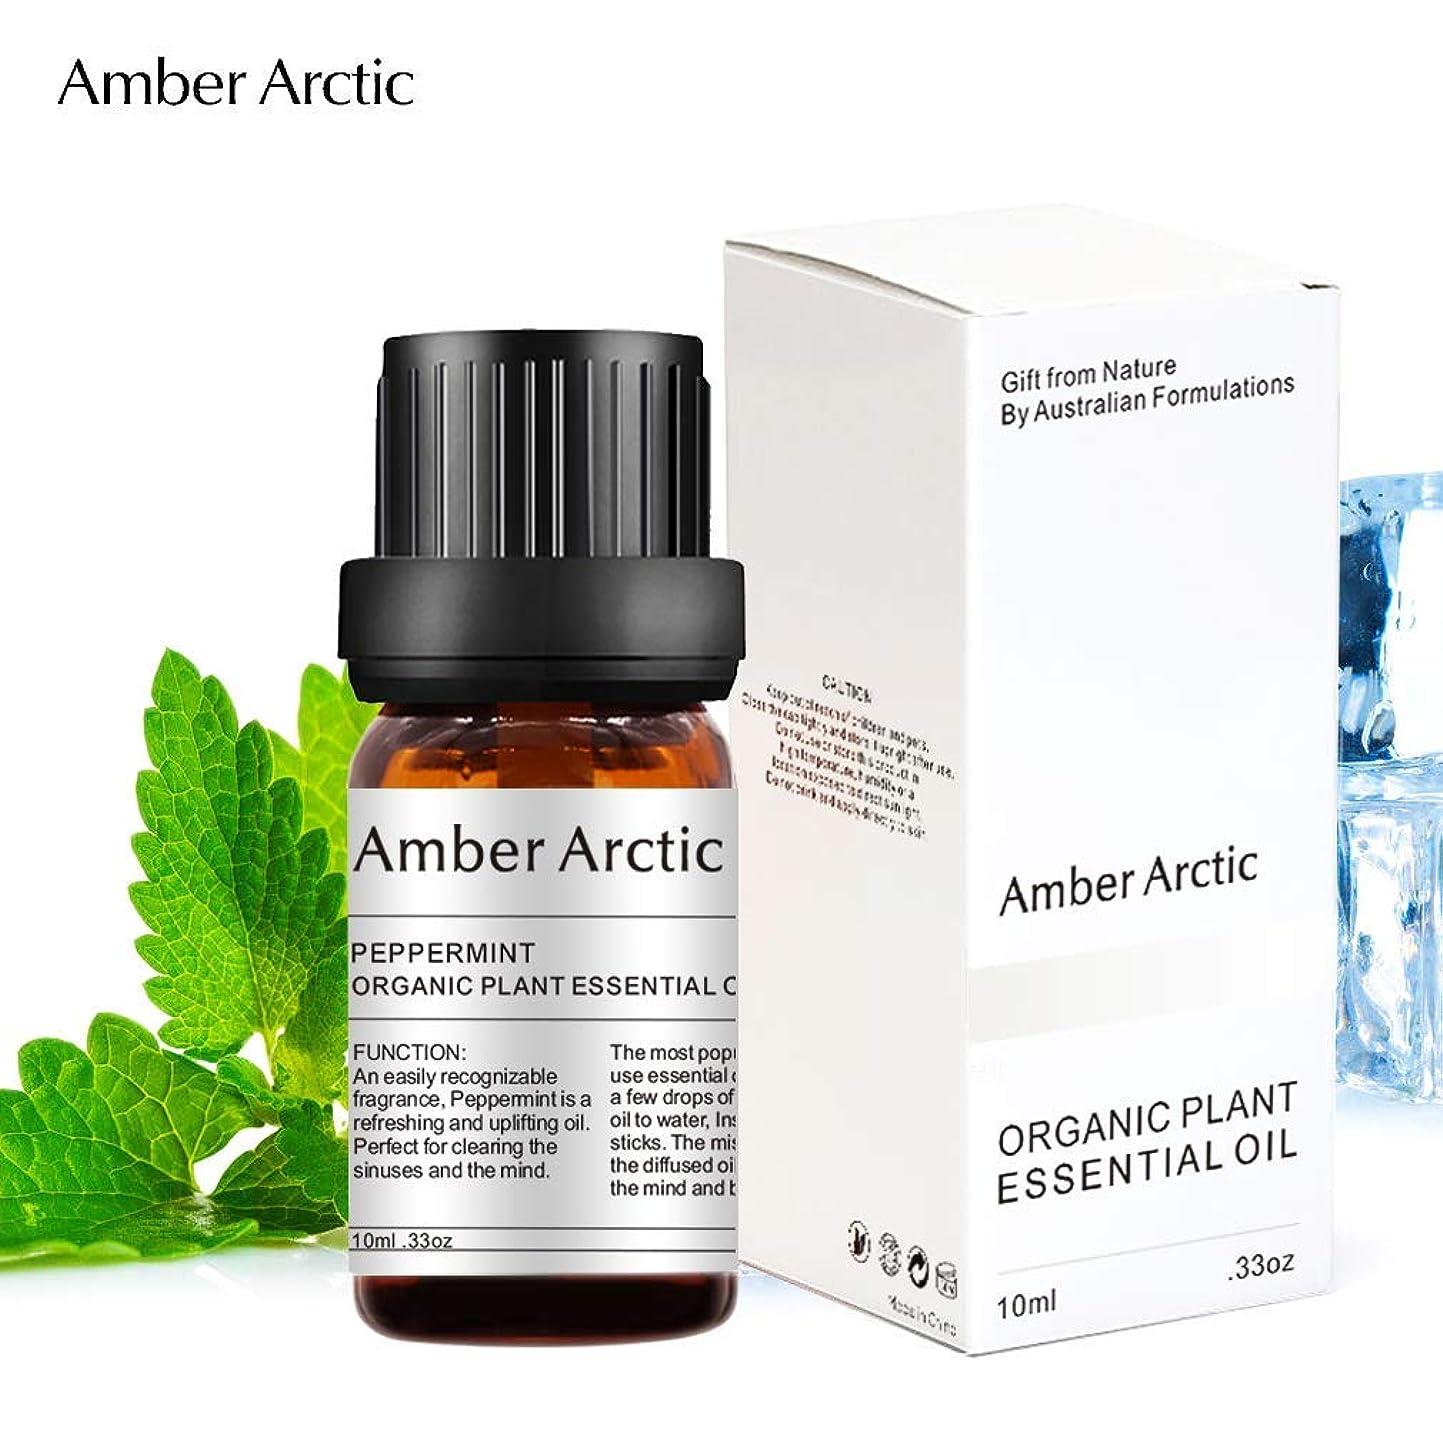 影響を受けやすいです麻痺させる邪悪なAmber Arctic ペパーミント エッセンシャル オイル、100% ピュア 天然 アロマ テラピーペパーミント オイル スプレッド 用 (10ML) ペパーミント